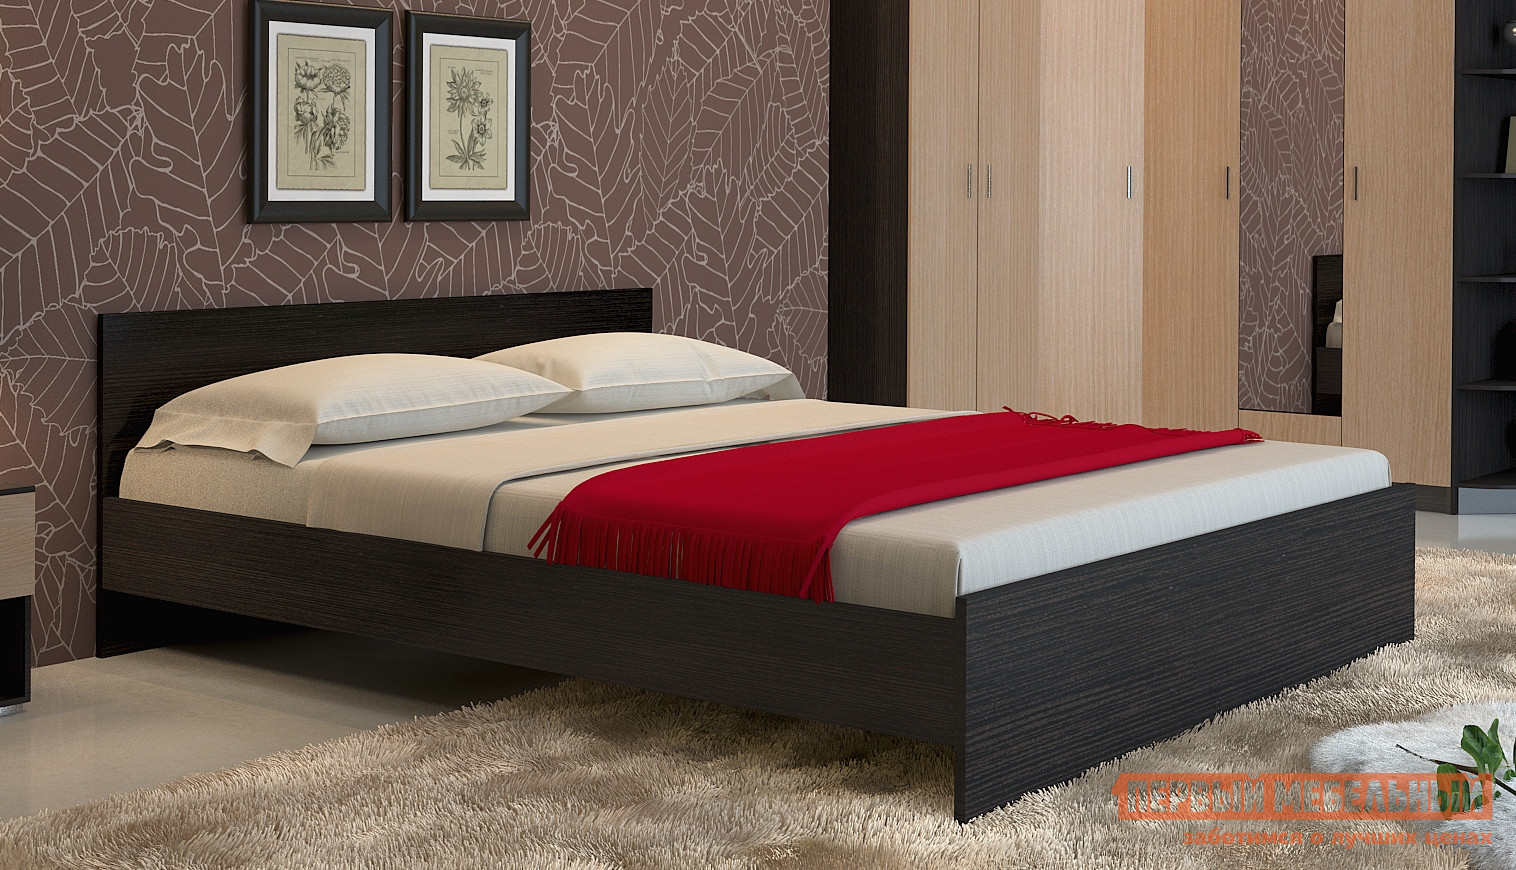 Двуспальная кровать НК-Мебель Паулина 1 спальный гарнитур нк мебель паулина к1